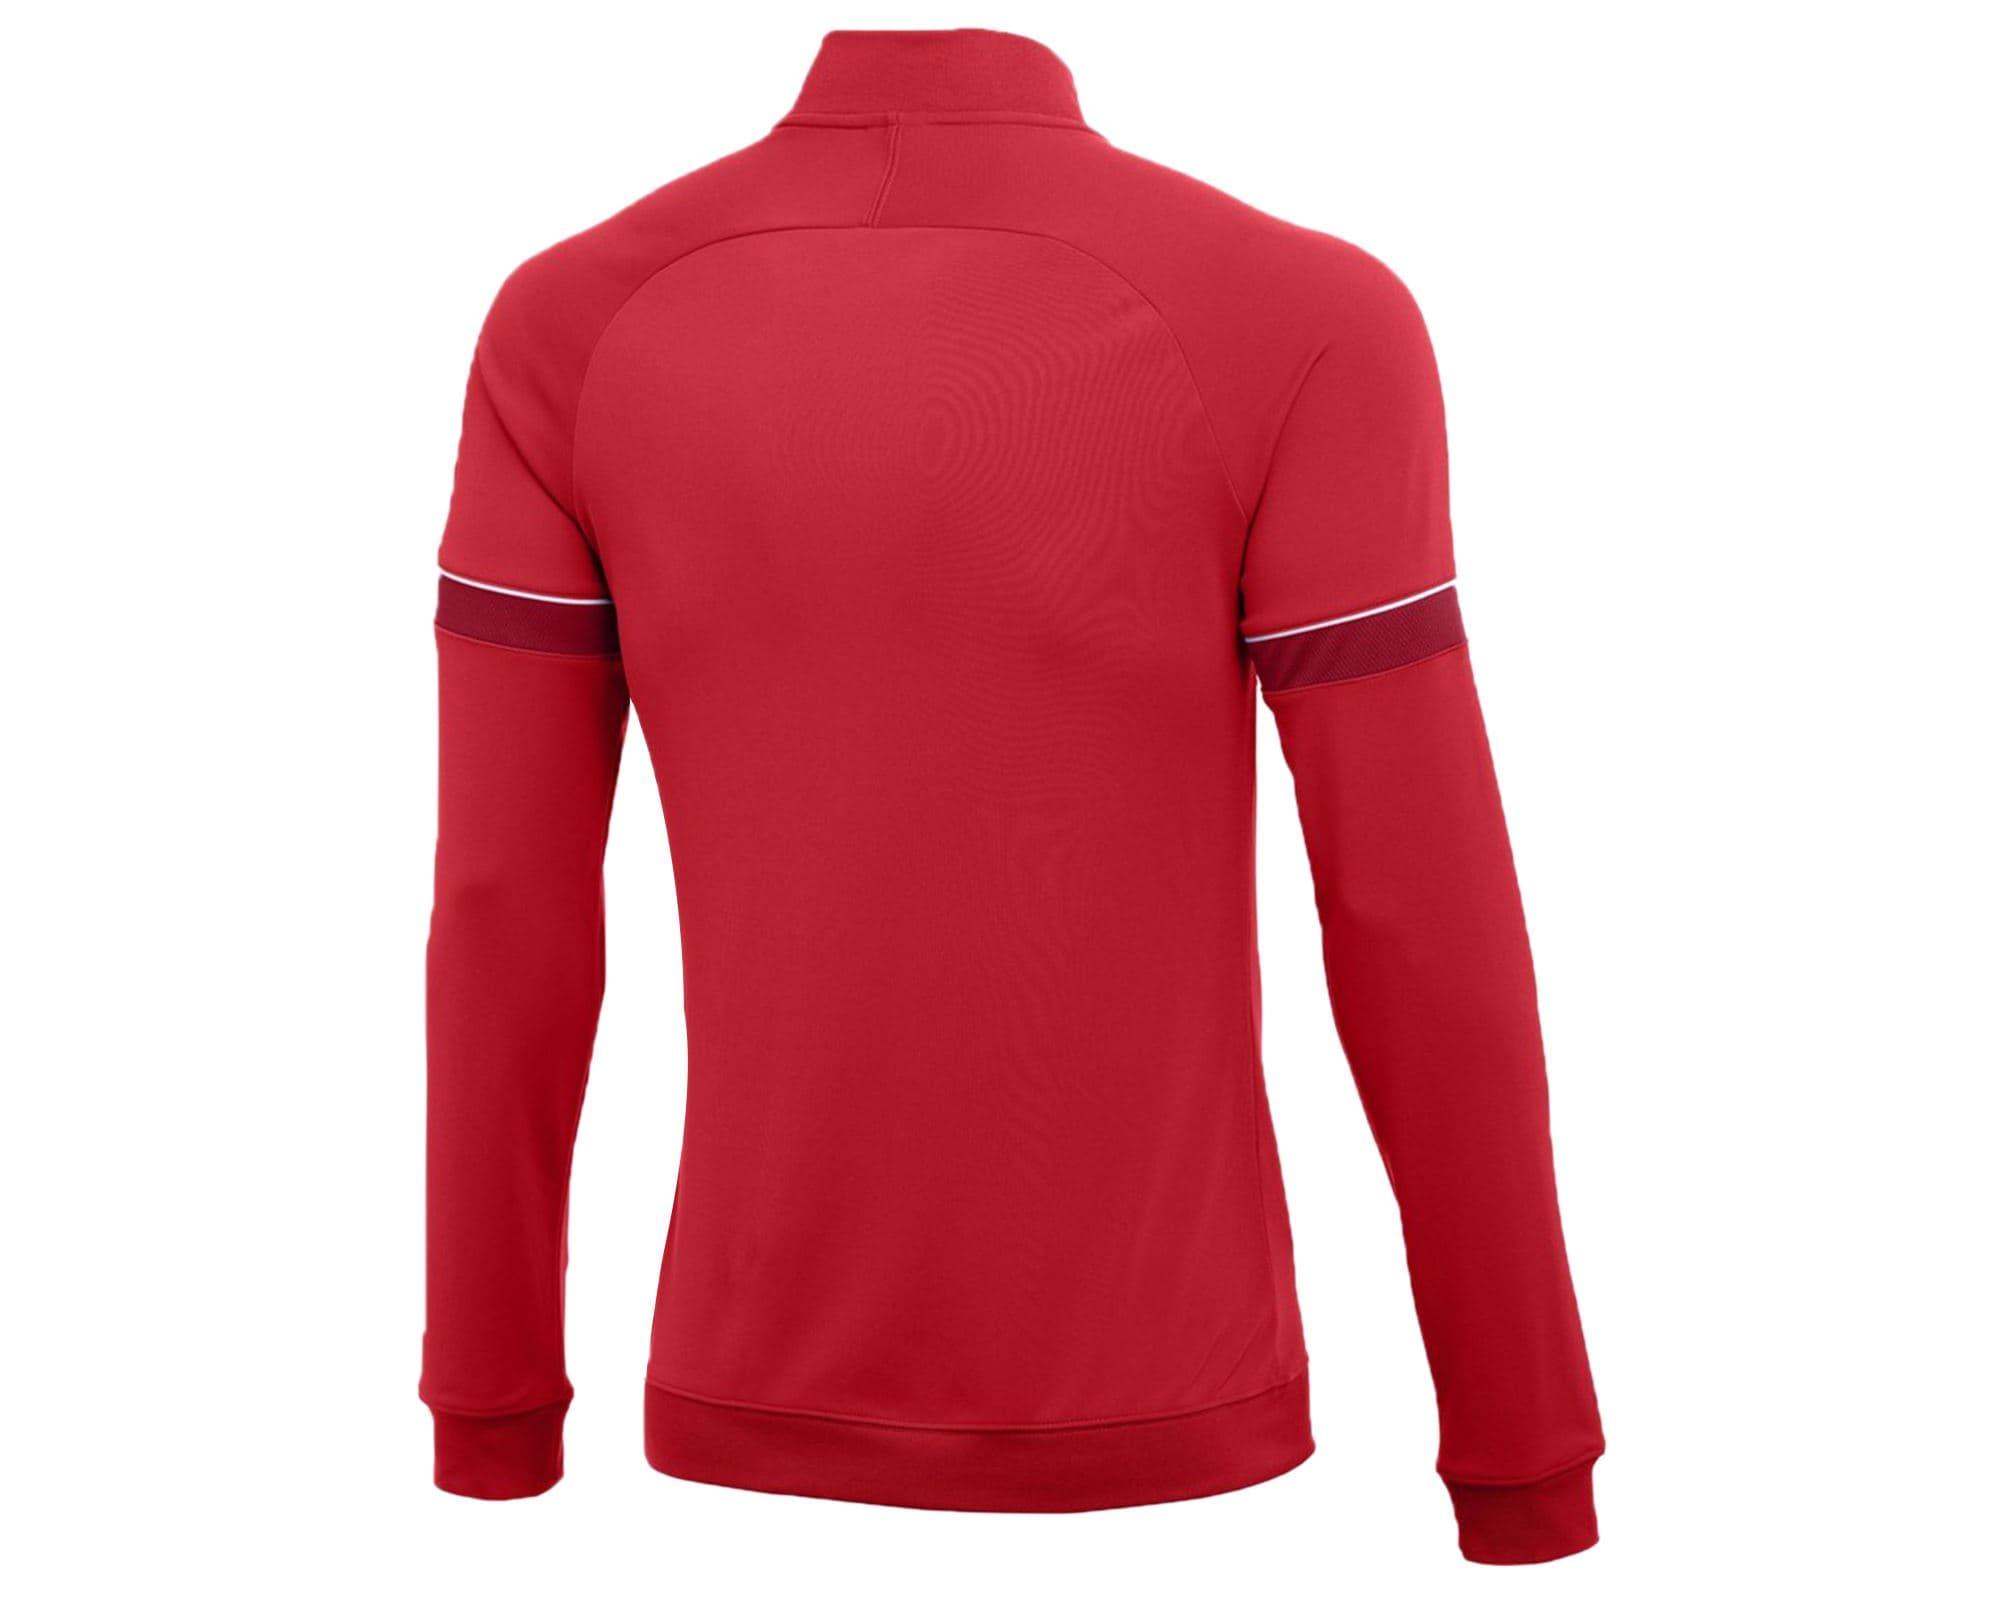 Dri-Fit Academy Erkek Kırmızı Futbol Ceket (CW6113-657)